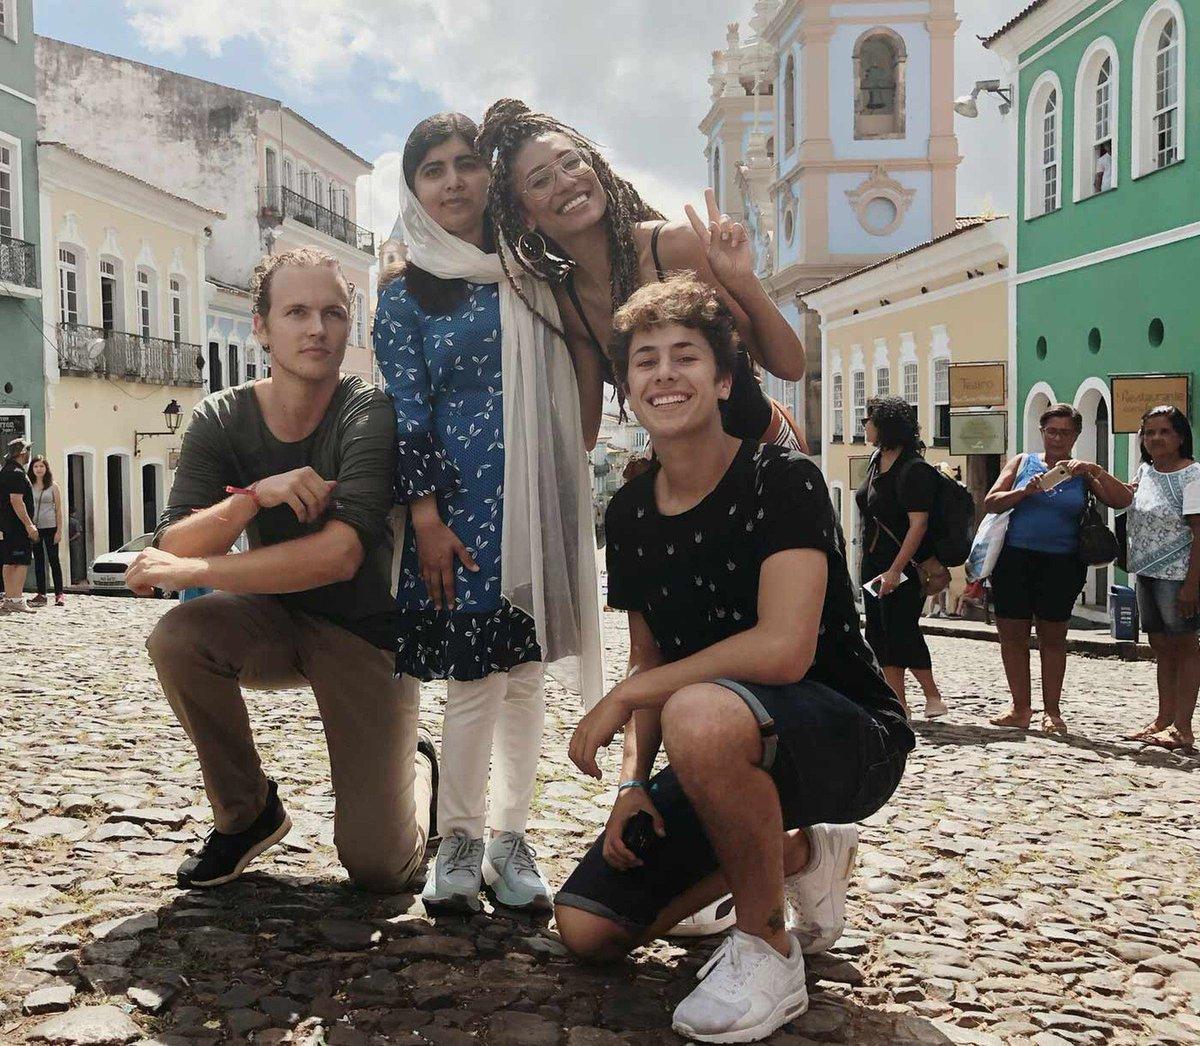 Quem são os 'influenciadores digitais do bem' que acompanharam Malala em sua viagem pelo Brasil https://t.co/UScbfmvmT2 #G1